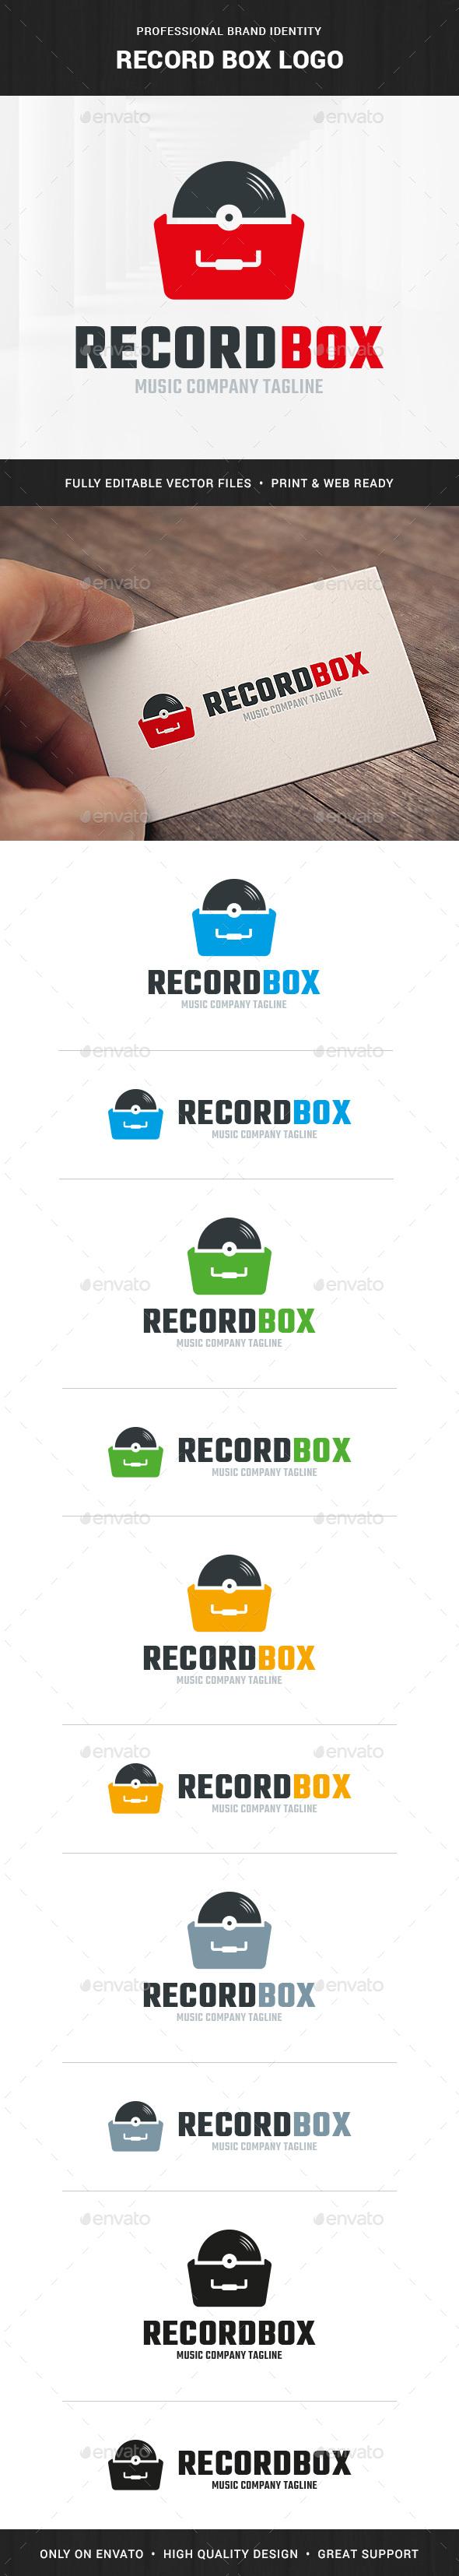 Record Box Logo Template